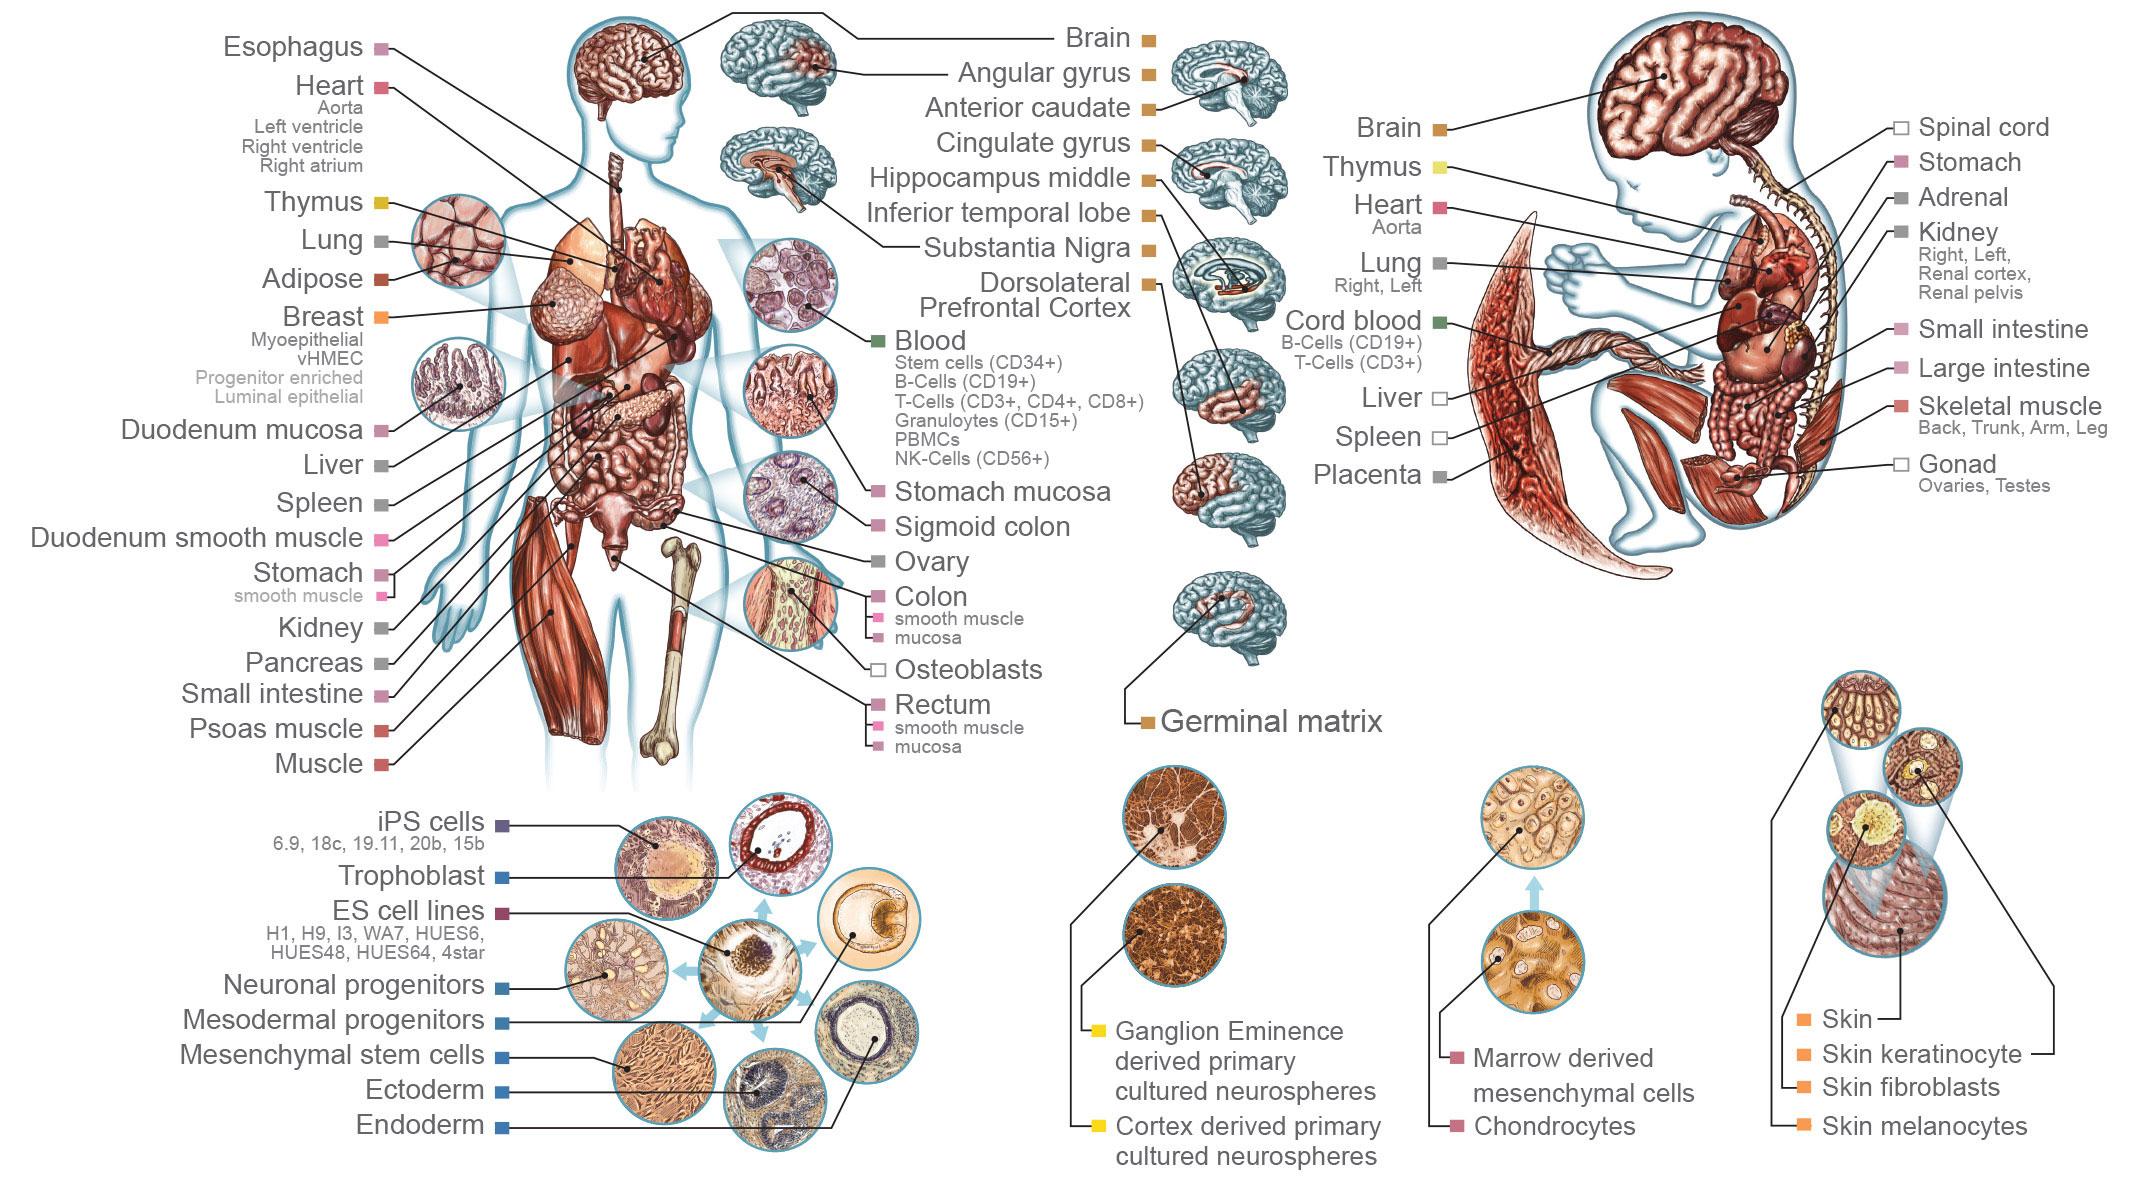 Epigenomik Startet Durch Newsletter Epigenetik